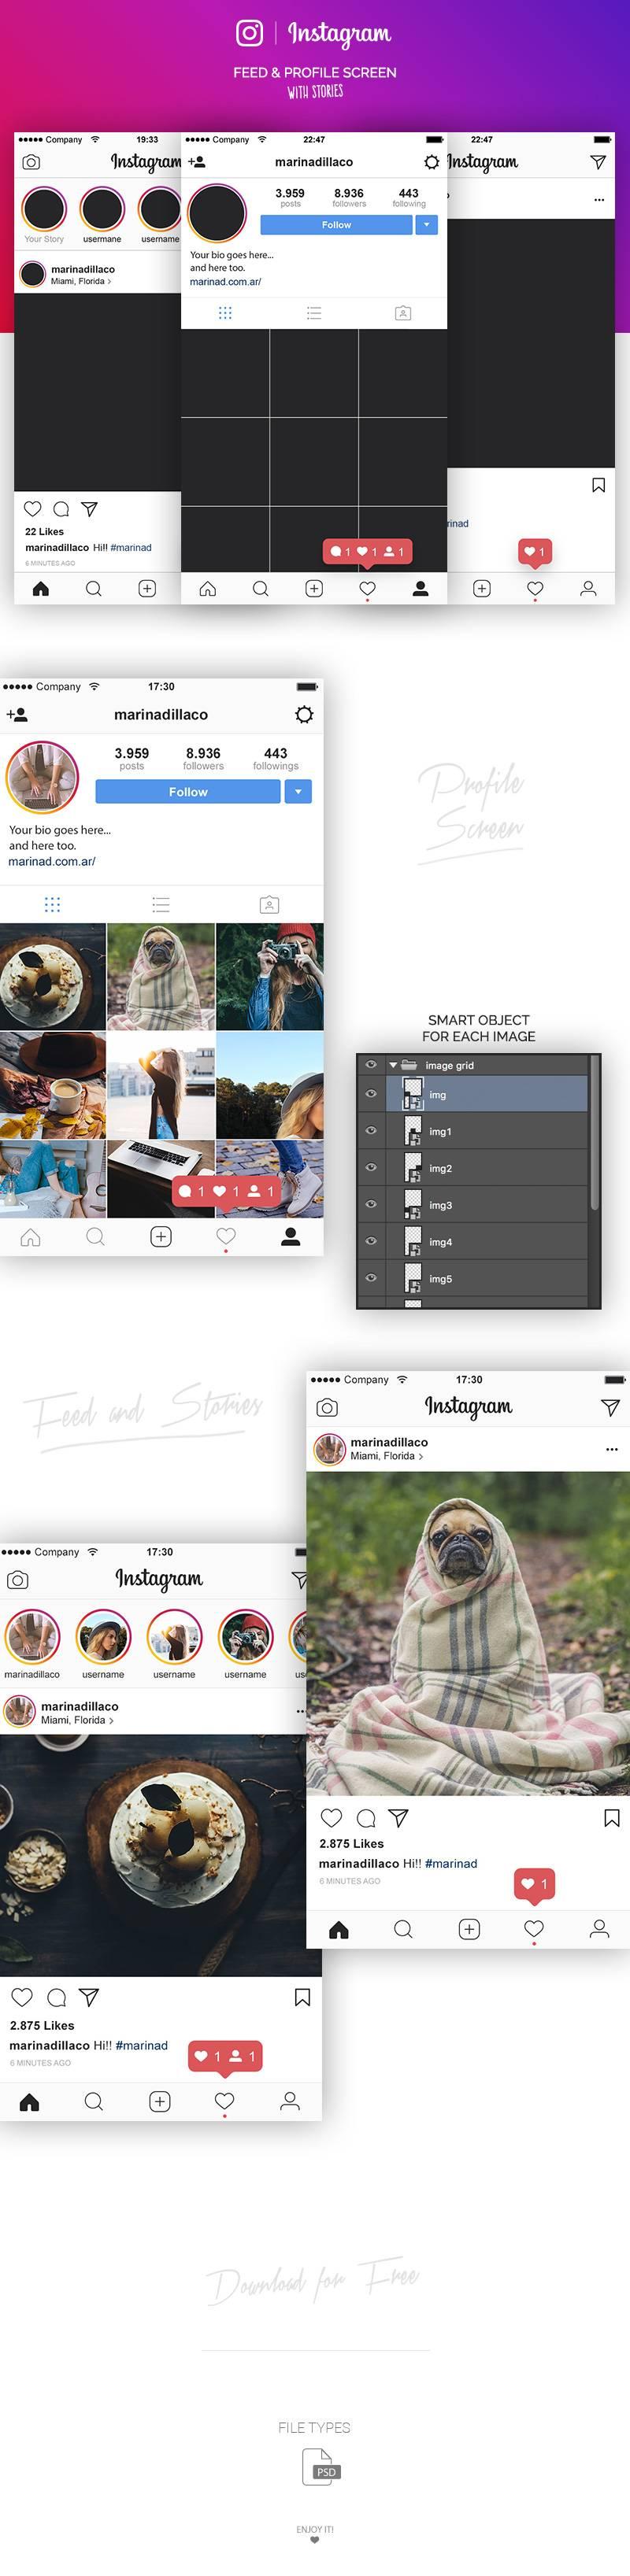 Instagram UI界面设计 PSD素材下载 界面-第2张